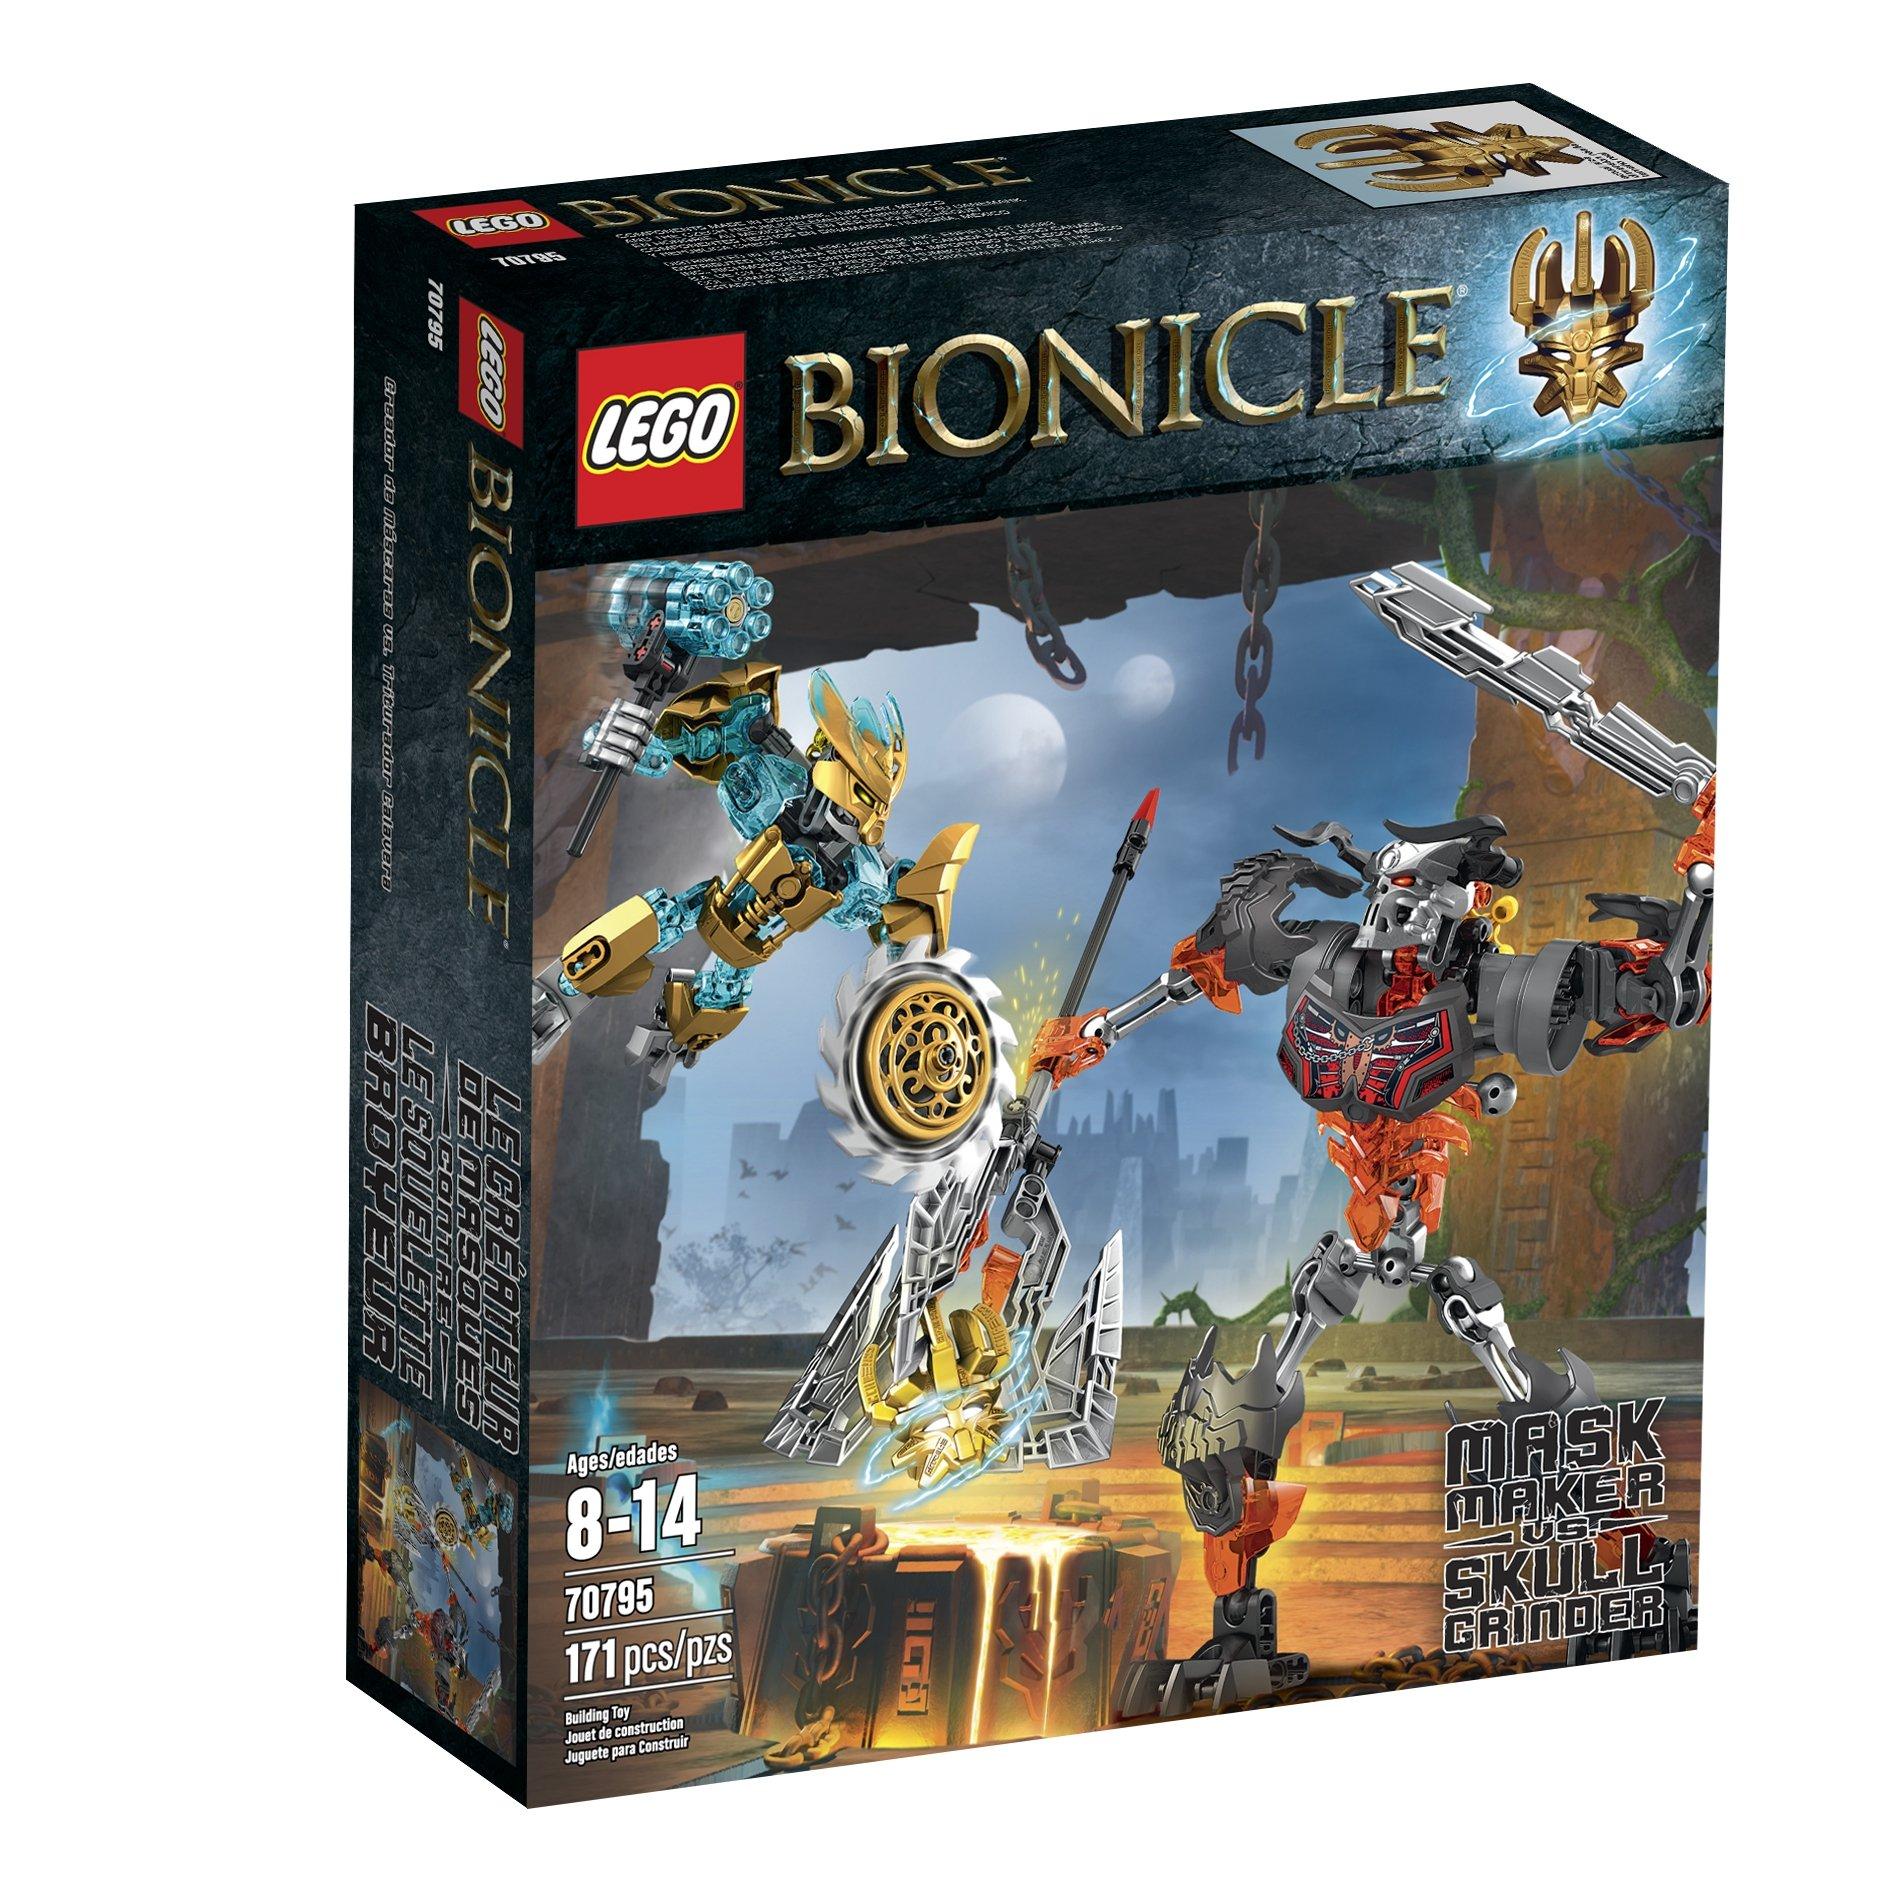 LEGO Bionicle 70795 Mask Maker vs. Skull Grinder Building Kit